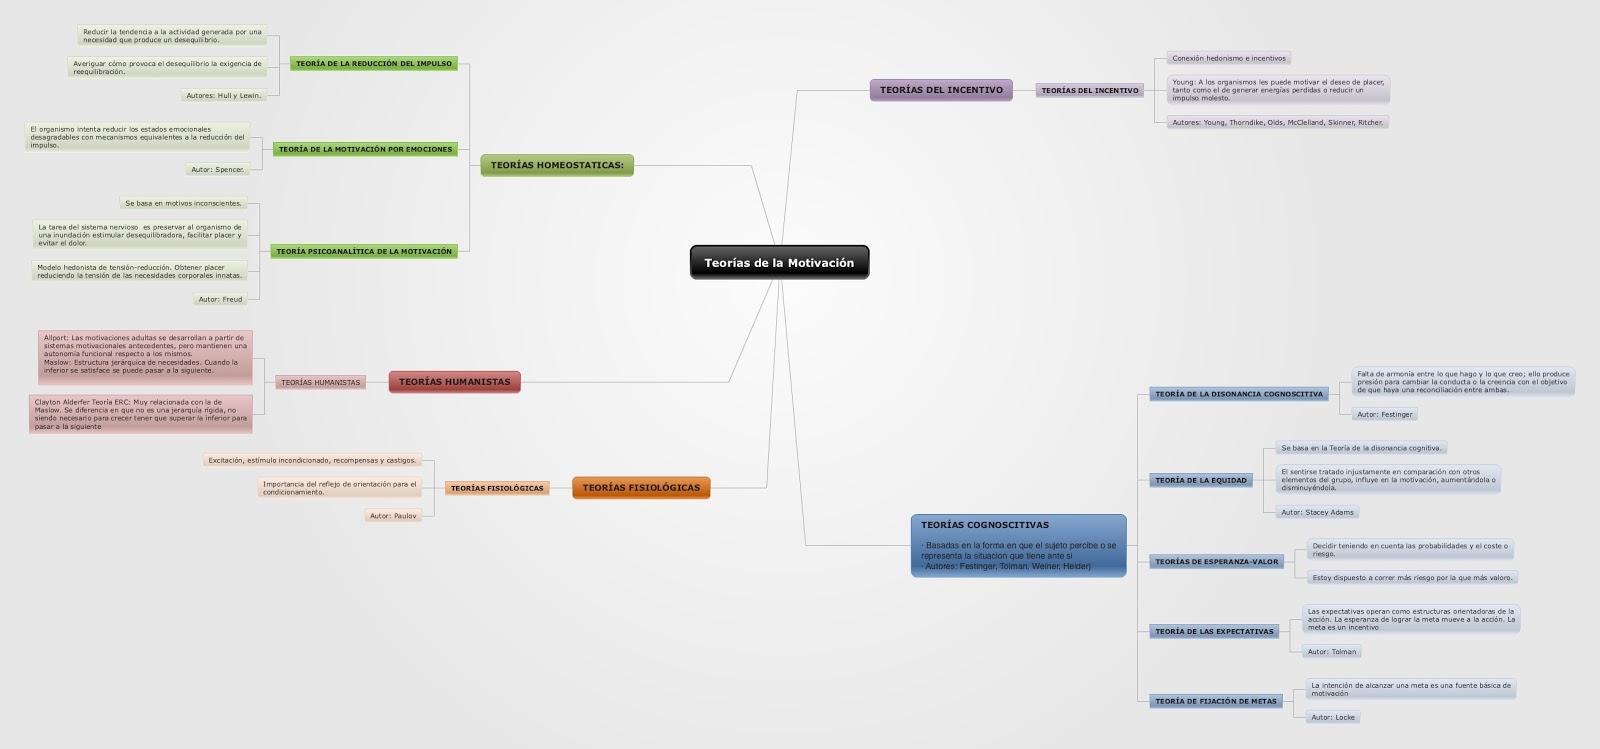 Motivación Y Aprendizaje Mapa Conceptual Sobre Las Teorías